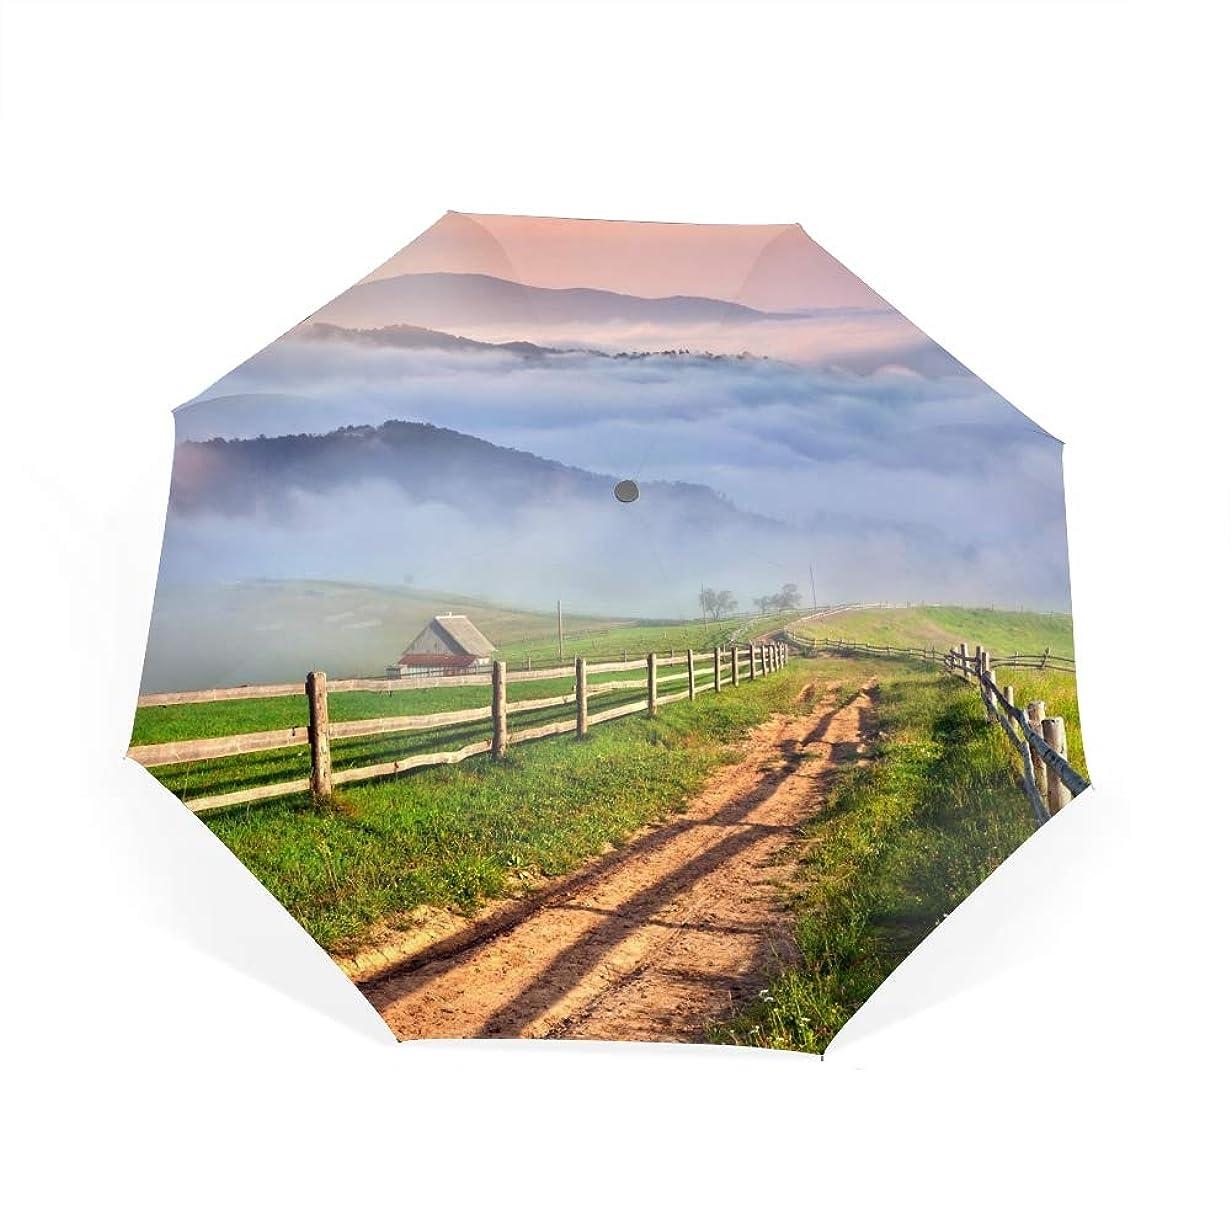 一流顕微鏡貼り直す田舎の山の芝生自動開閉折り畳み傘 2重構造 耐風撥水8本骨 男女兼用 丈夫 大型 大きな傘 梅雨対策 収納ポーチ付き